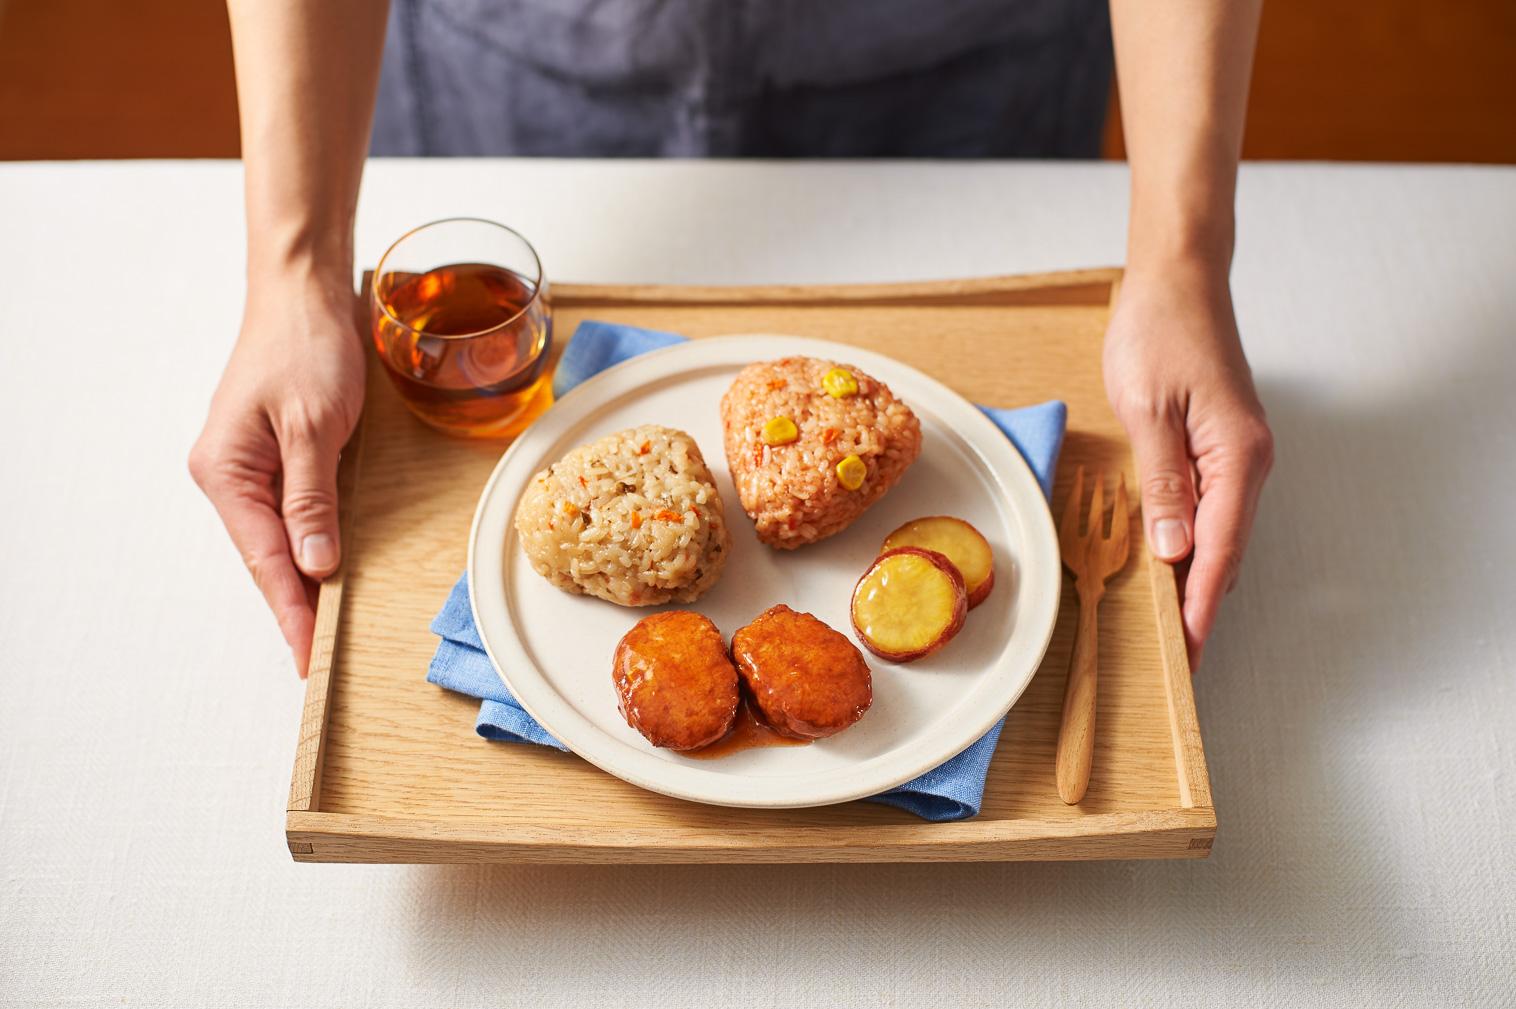 LunchBox おにぎりとハンバーグ 盛り付けイメージ